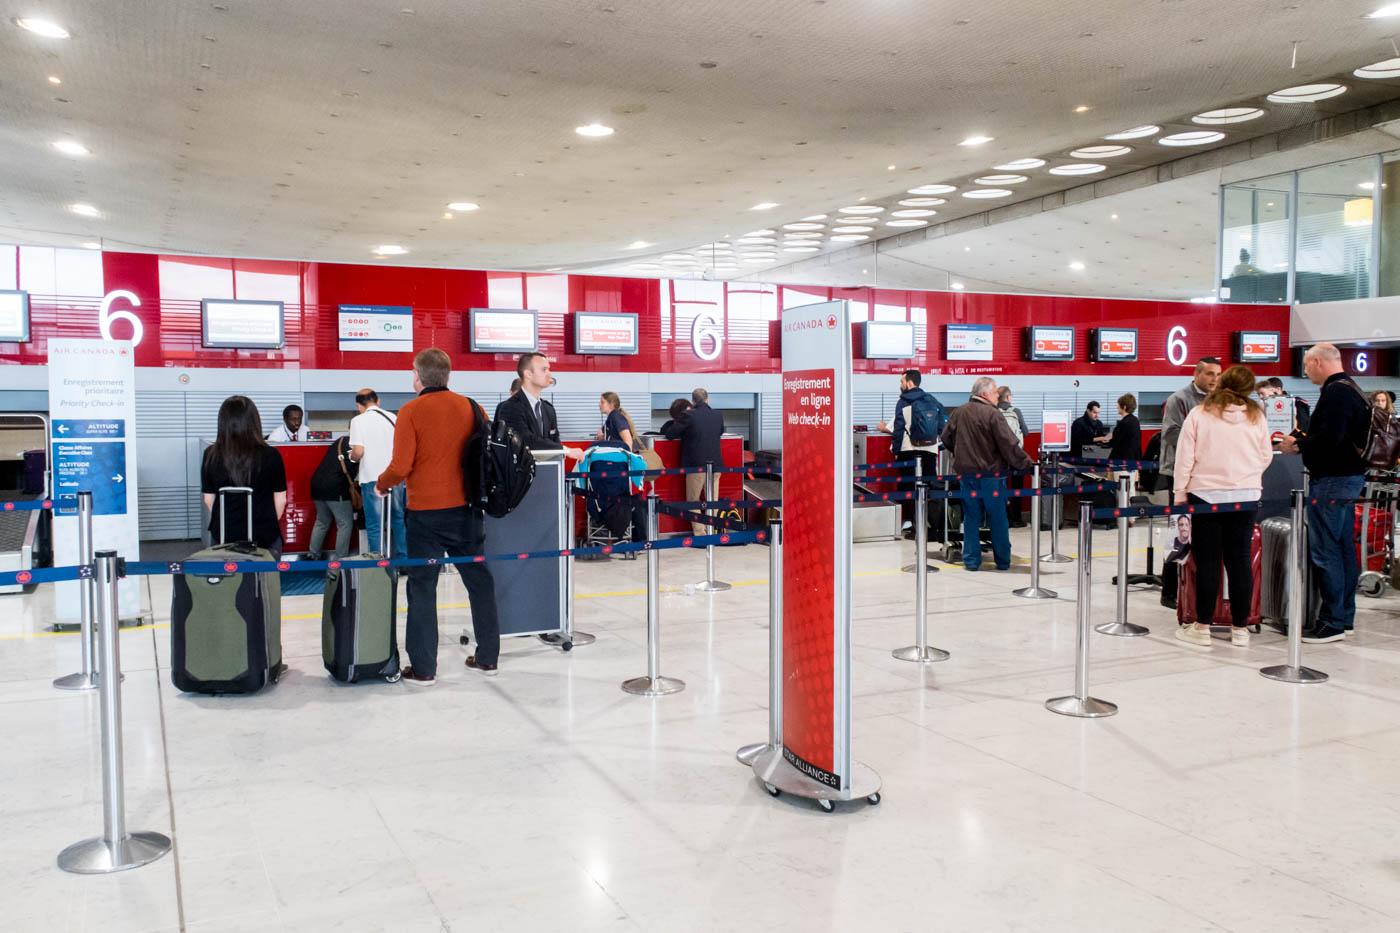 Air Canada Check-in at Paris CDG